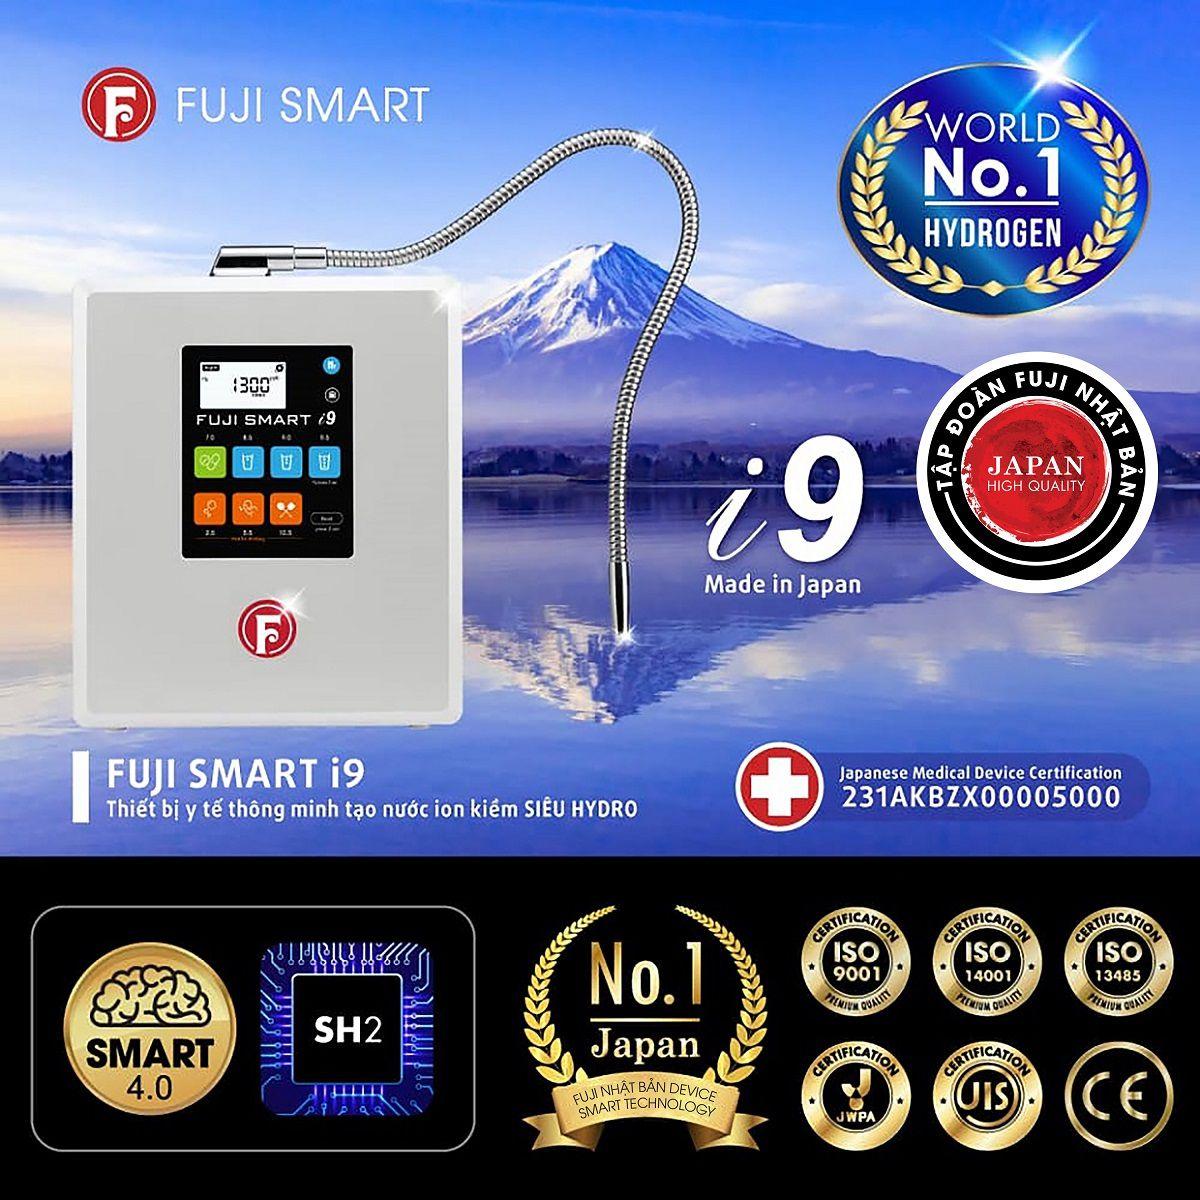 Máy lọc nước ion kiềm Fuji Smart i9 có tạo ra nước ion axit mạnh không?